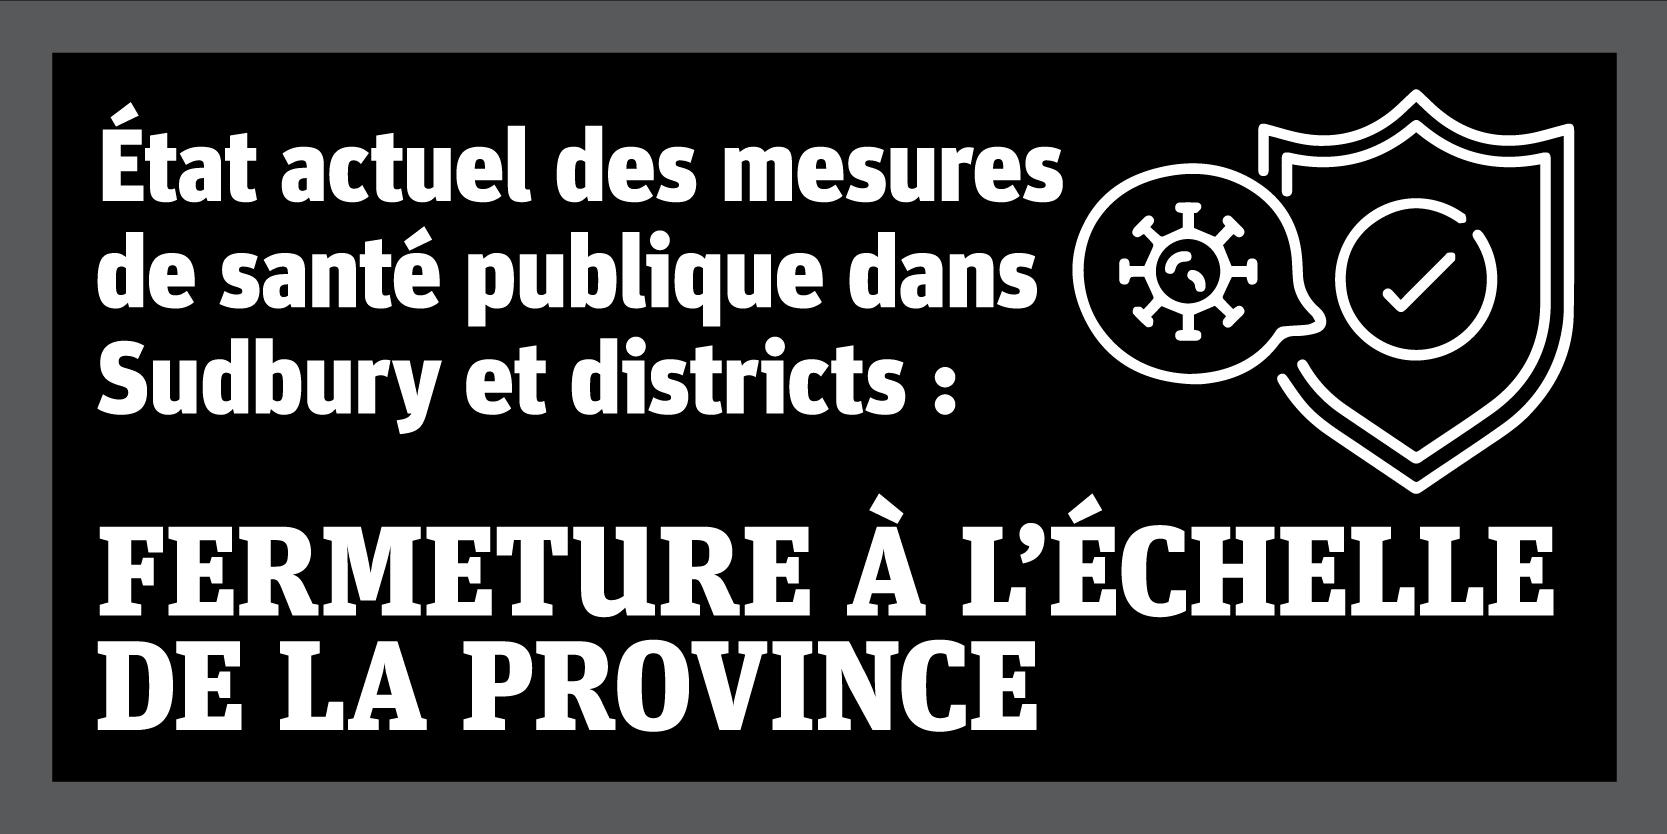 État actuel des mesures de santé publique dans Sudbury et districts :